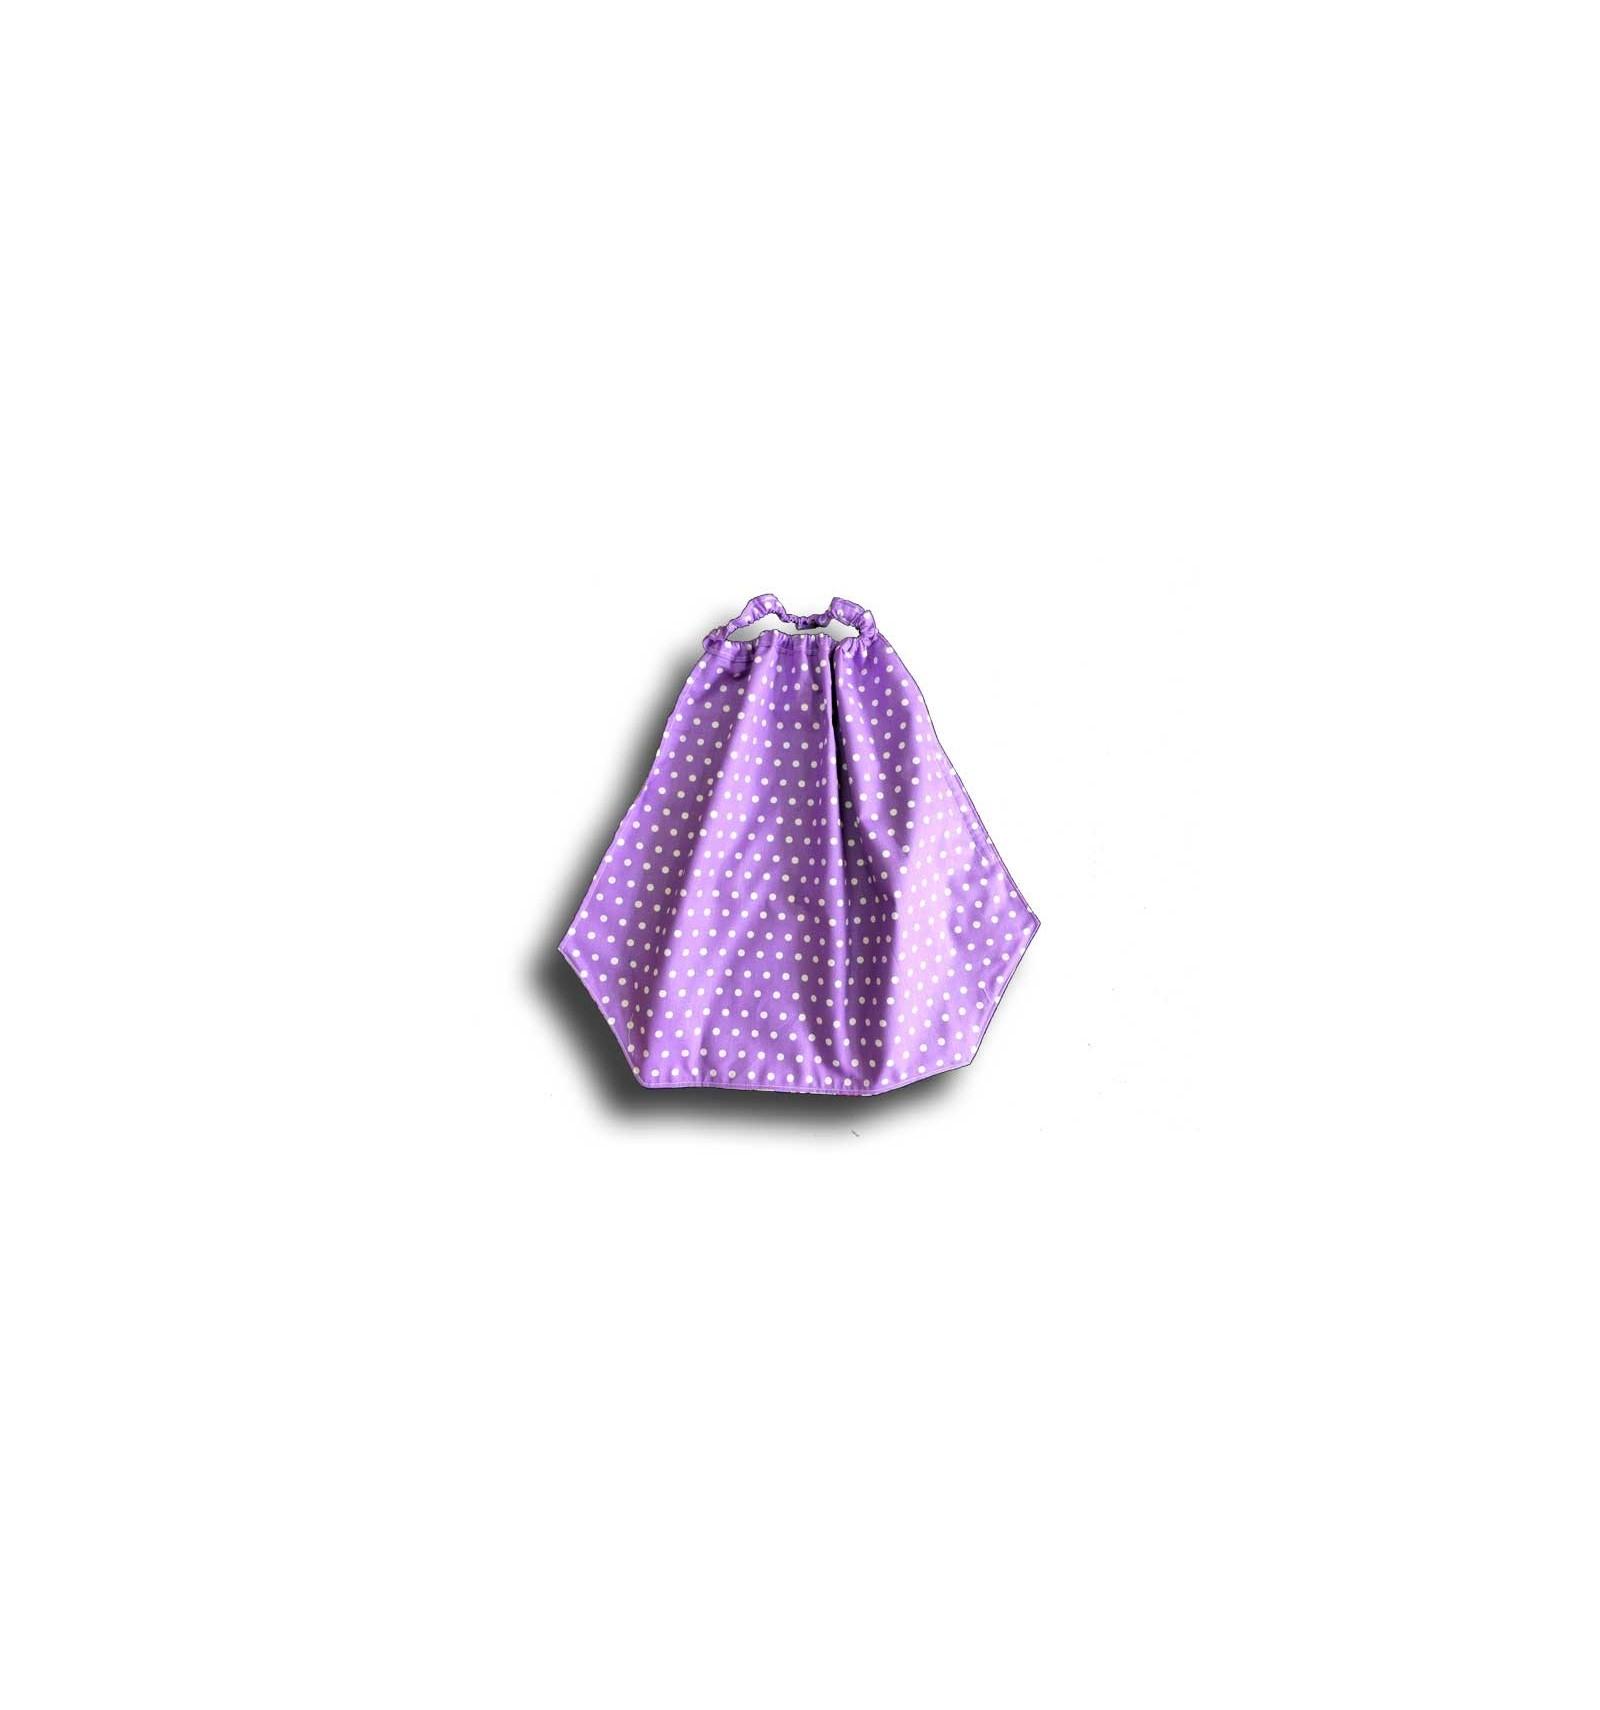 Serviette de table maternelle serviette cantine fille motif piou piou cr aflo - Serviette de table pour cantine ...